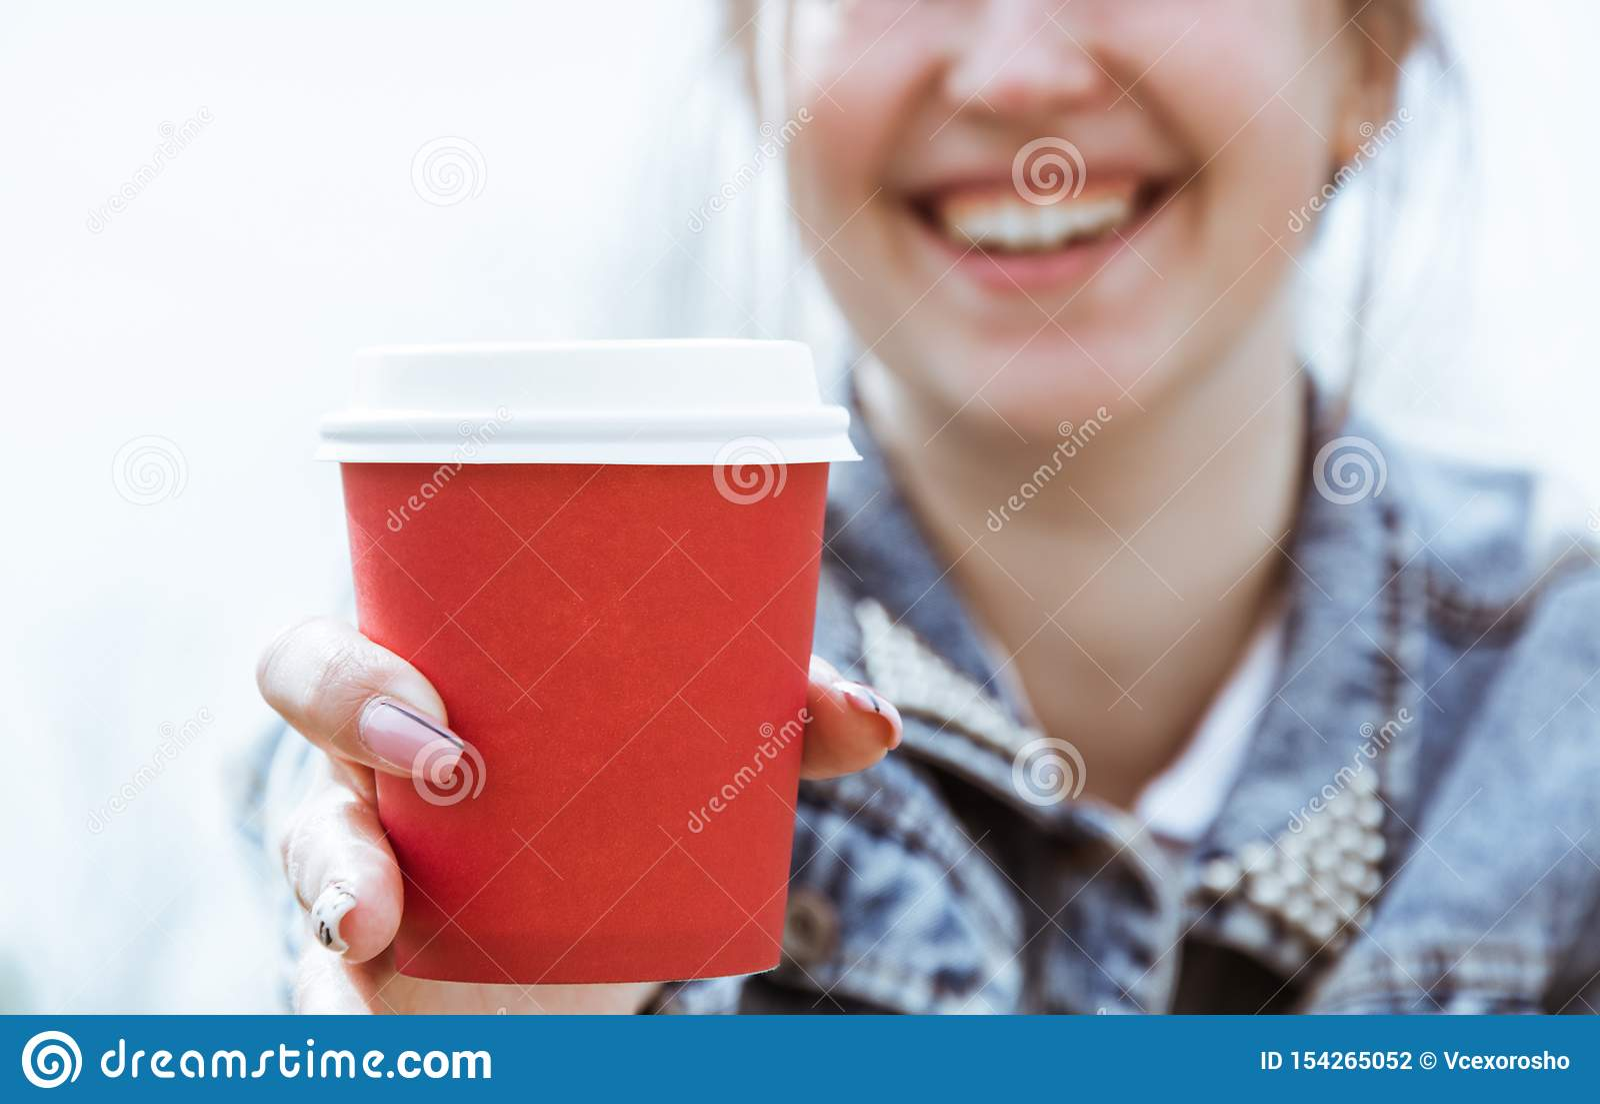 Девушка держит красный бумажный стаканчик кофе Стекло конца-вверх кофе в руке